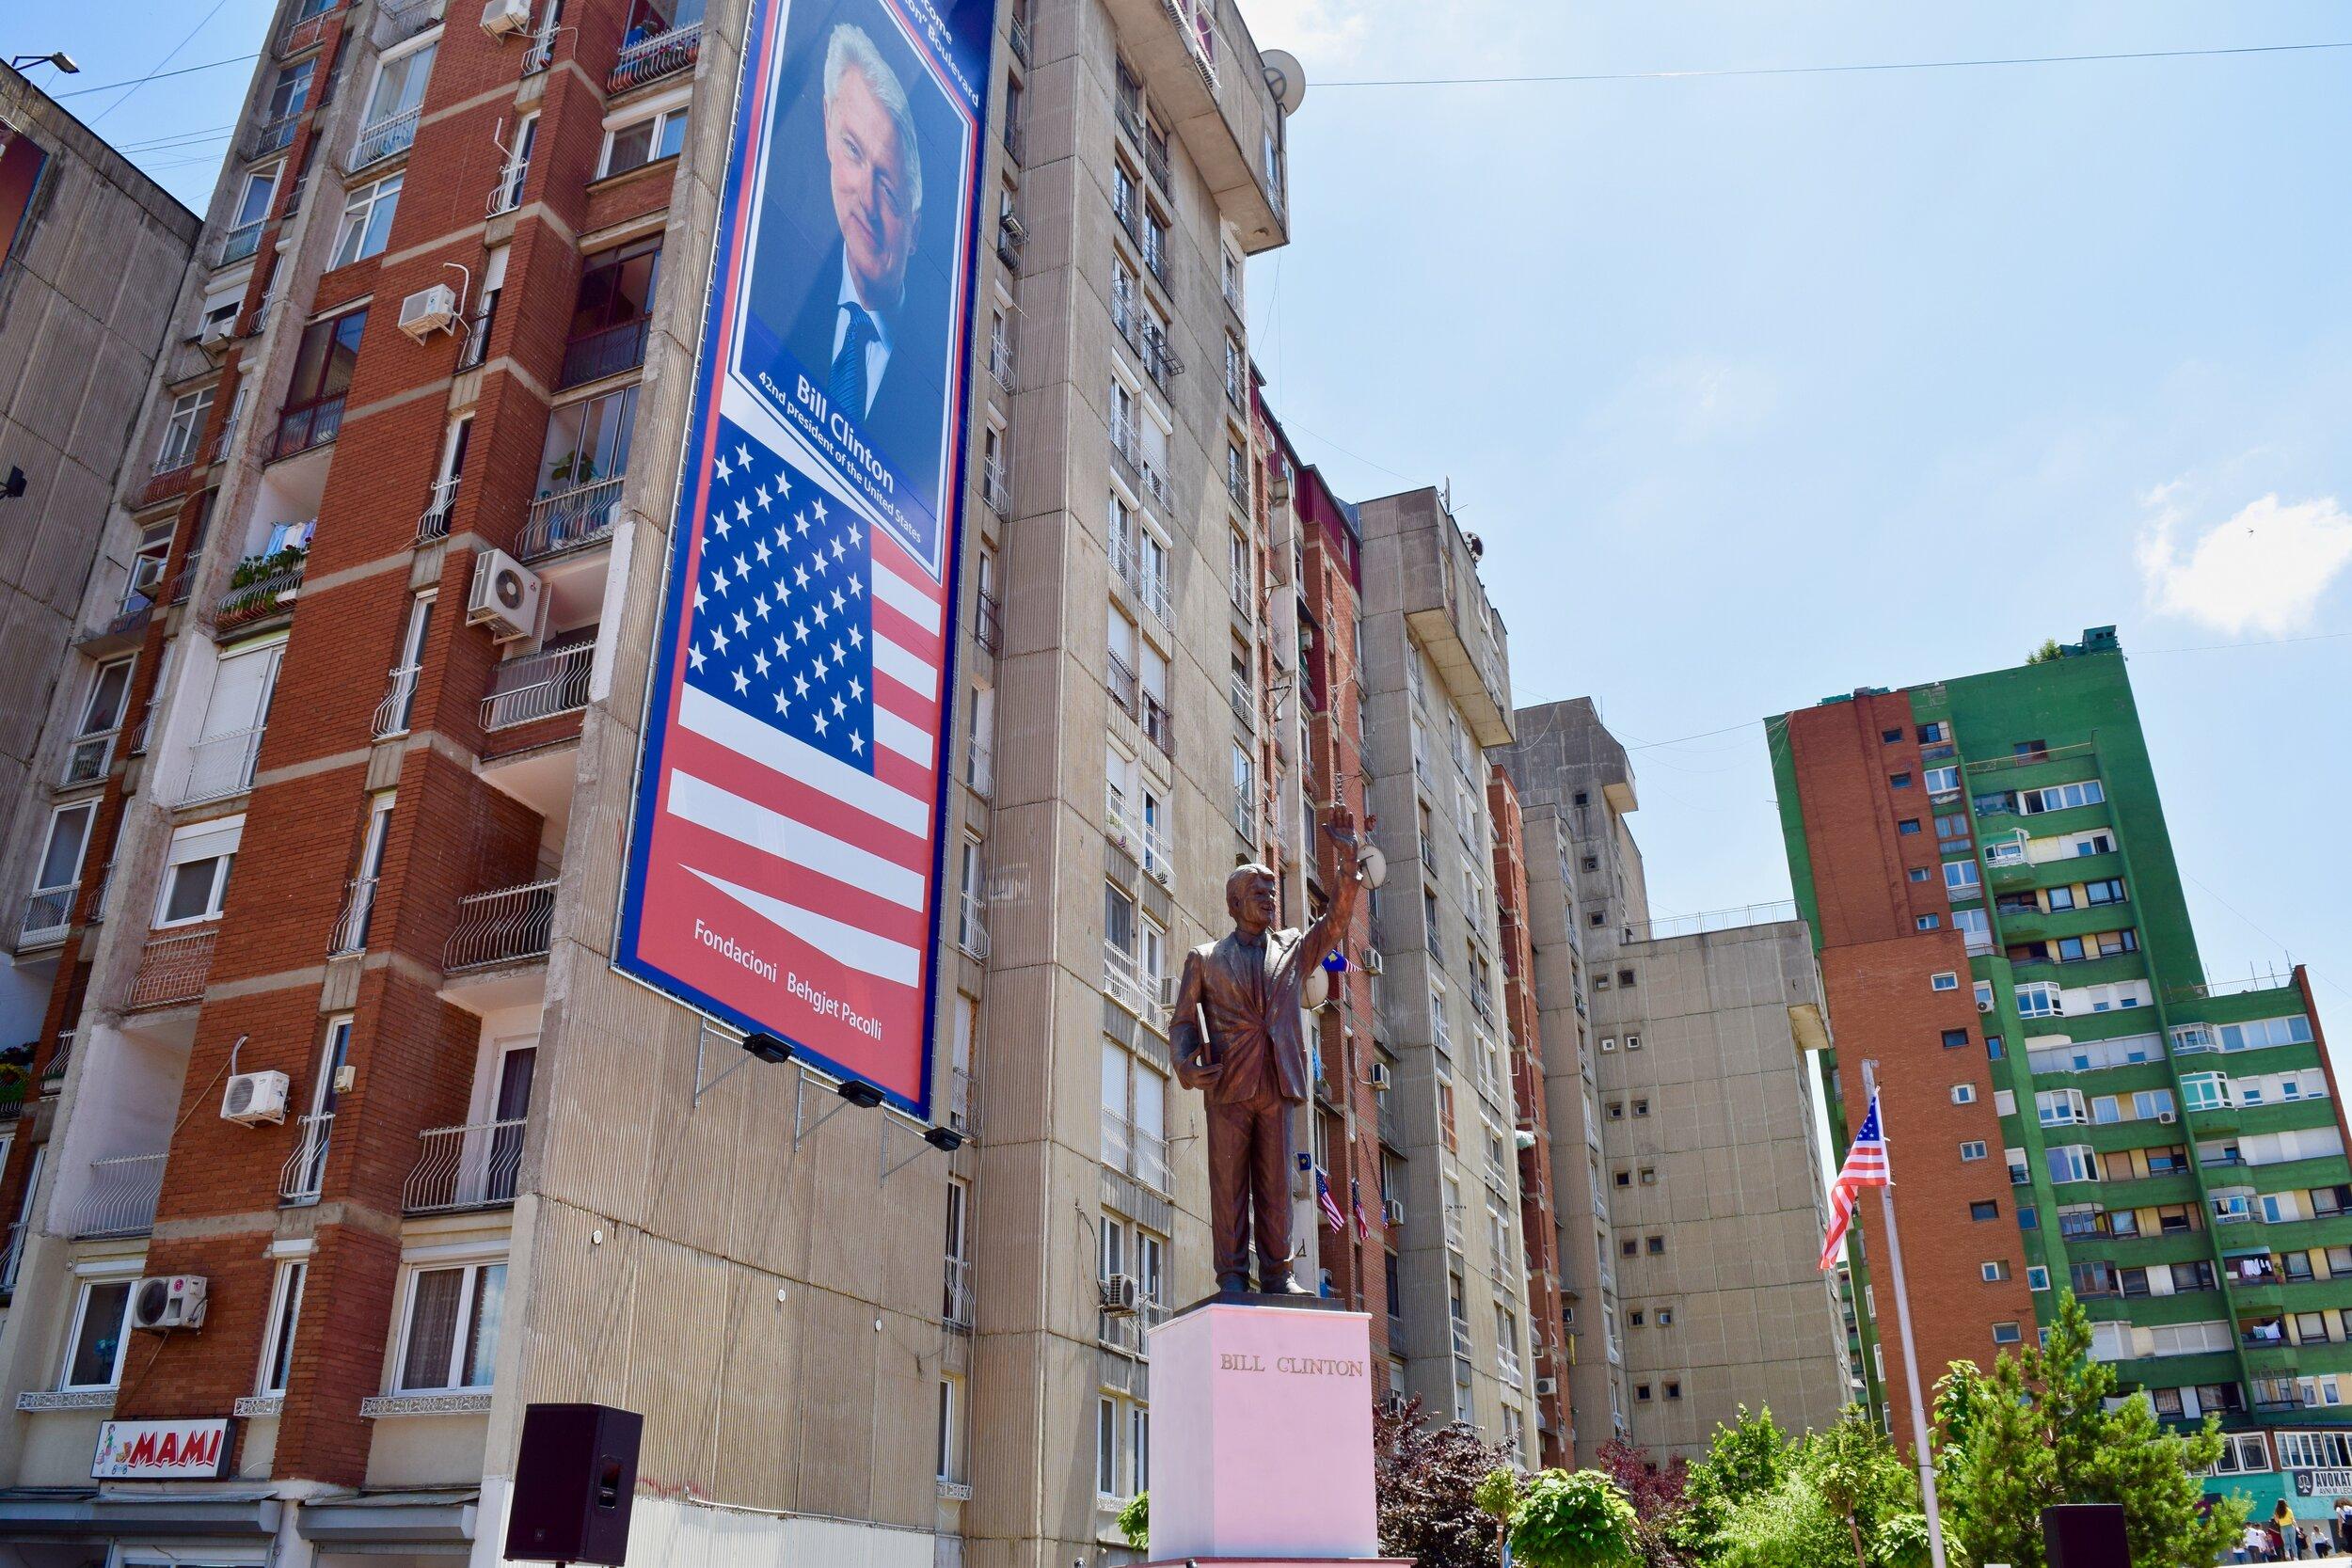 Bill Clinton Boulevard in Pristina